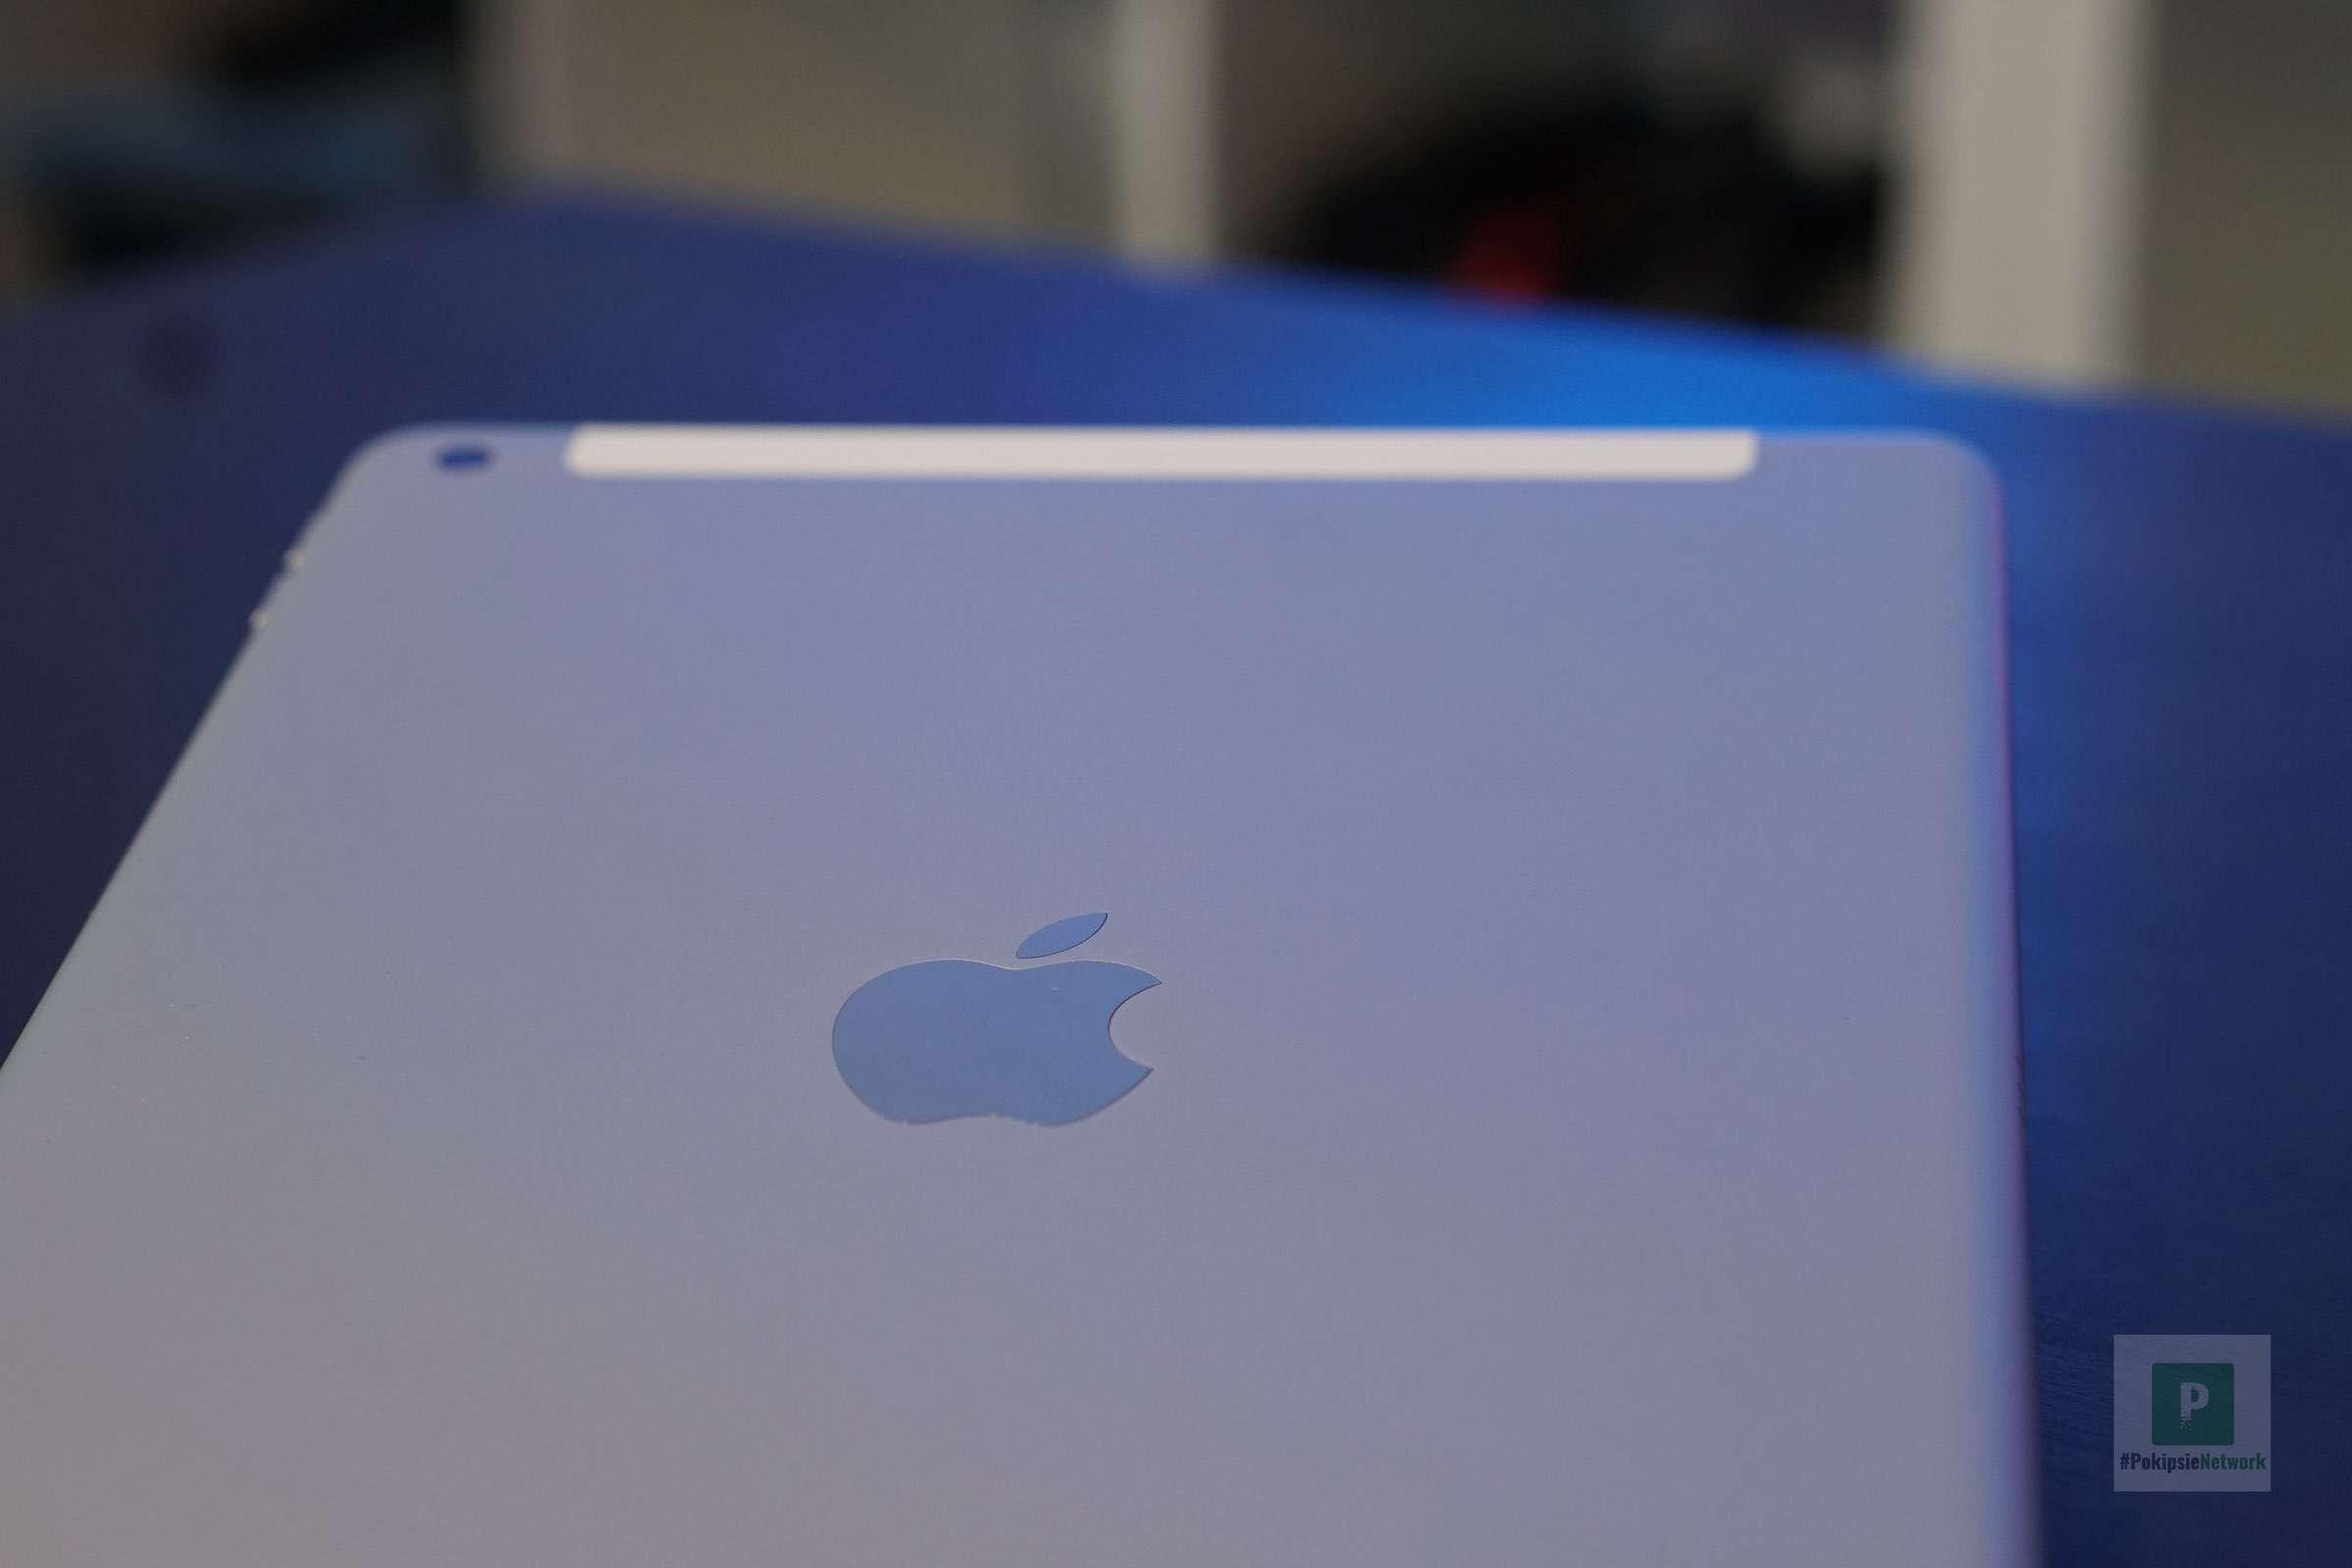 Die iPad Rückseite